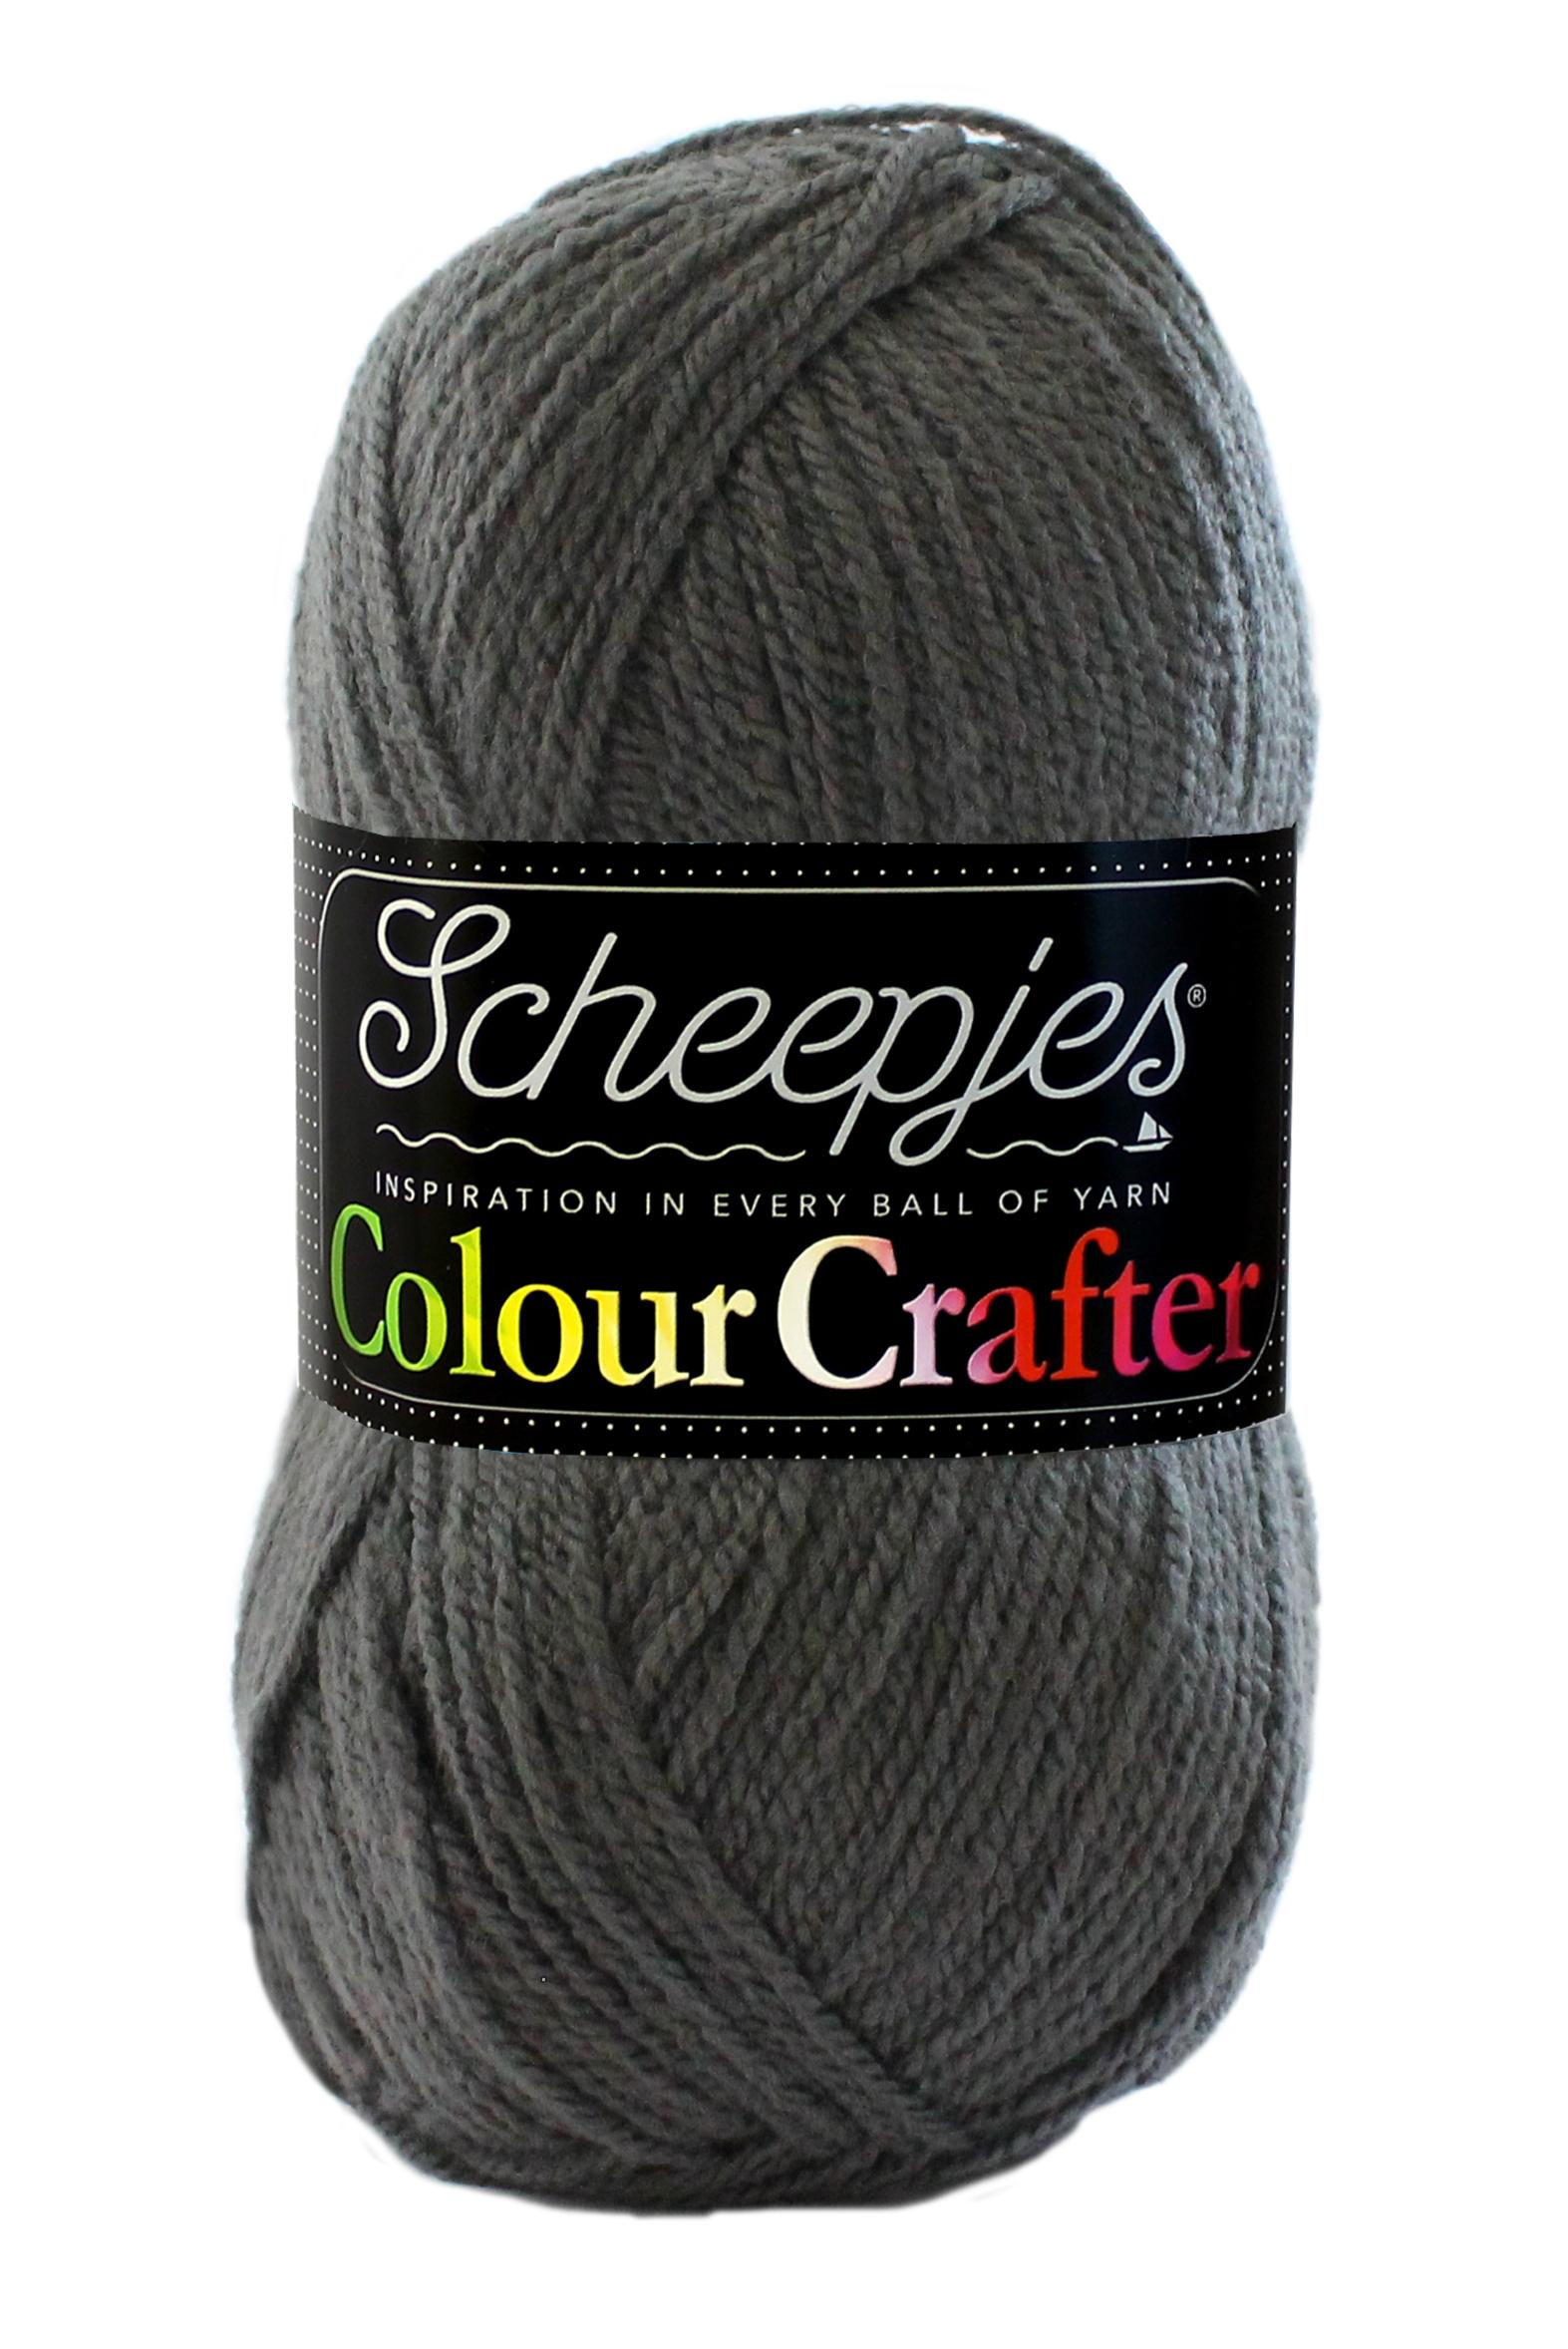 Scheepjes Colour Crafter – Pollare 2018 | garenhuisukeus.nl